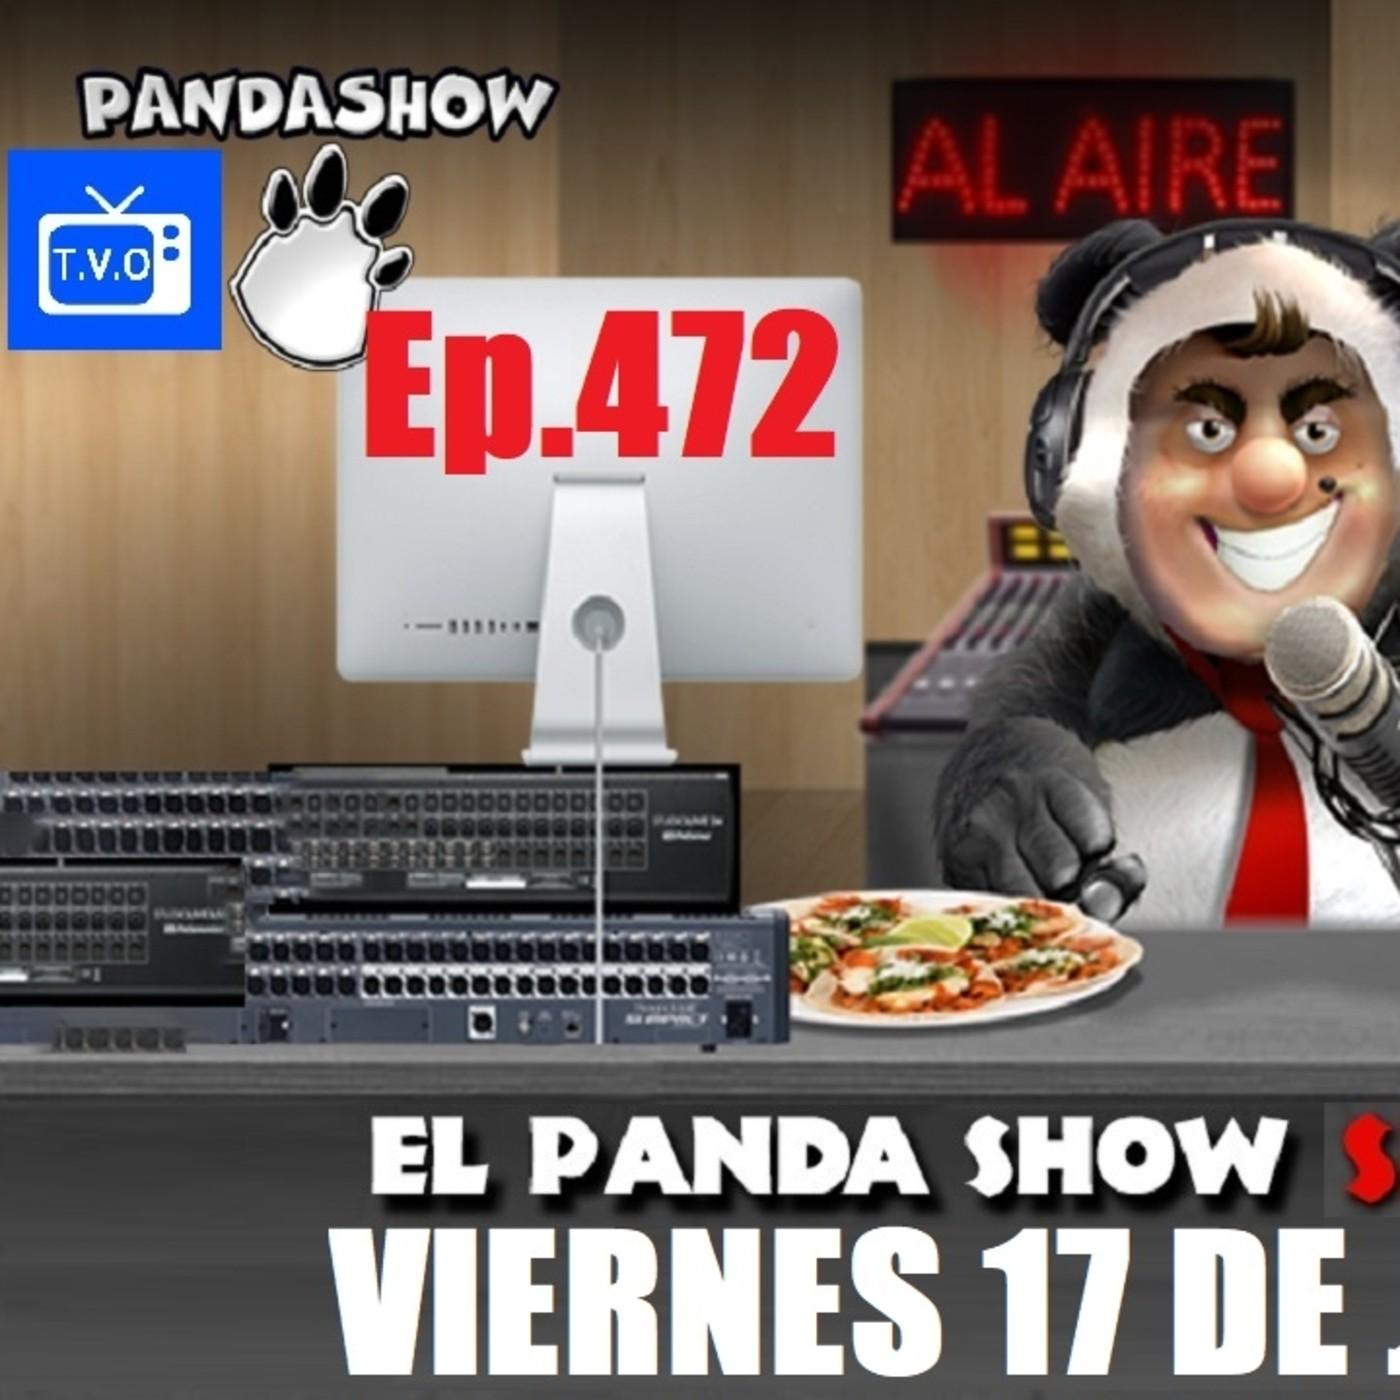 EL PANDA SHOW Ep. 472 VIERNES 17 DE JULIO 2020